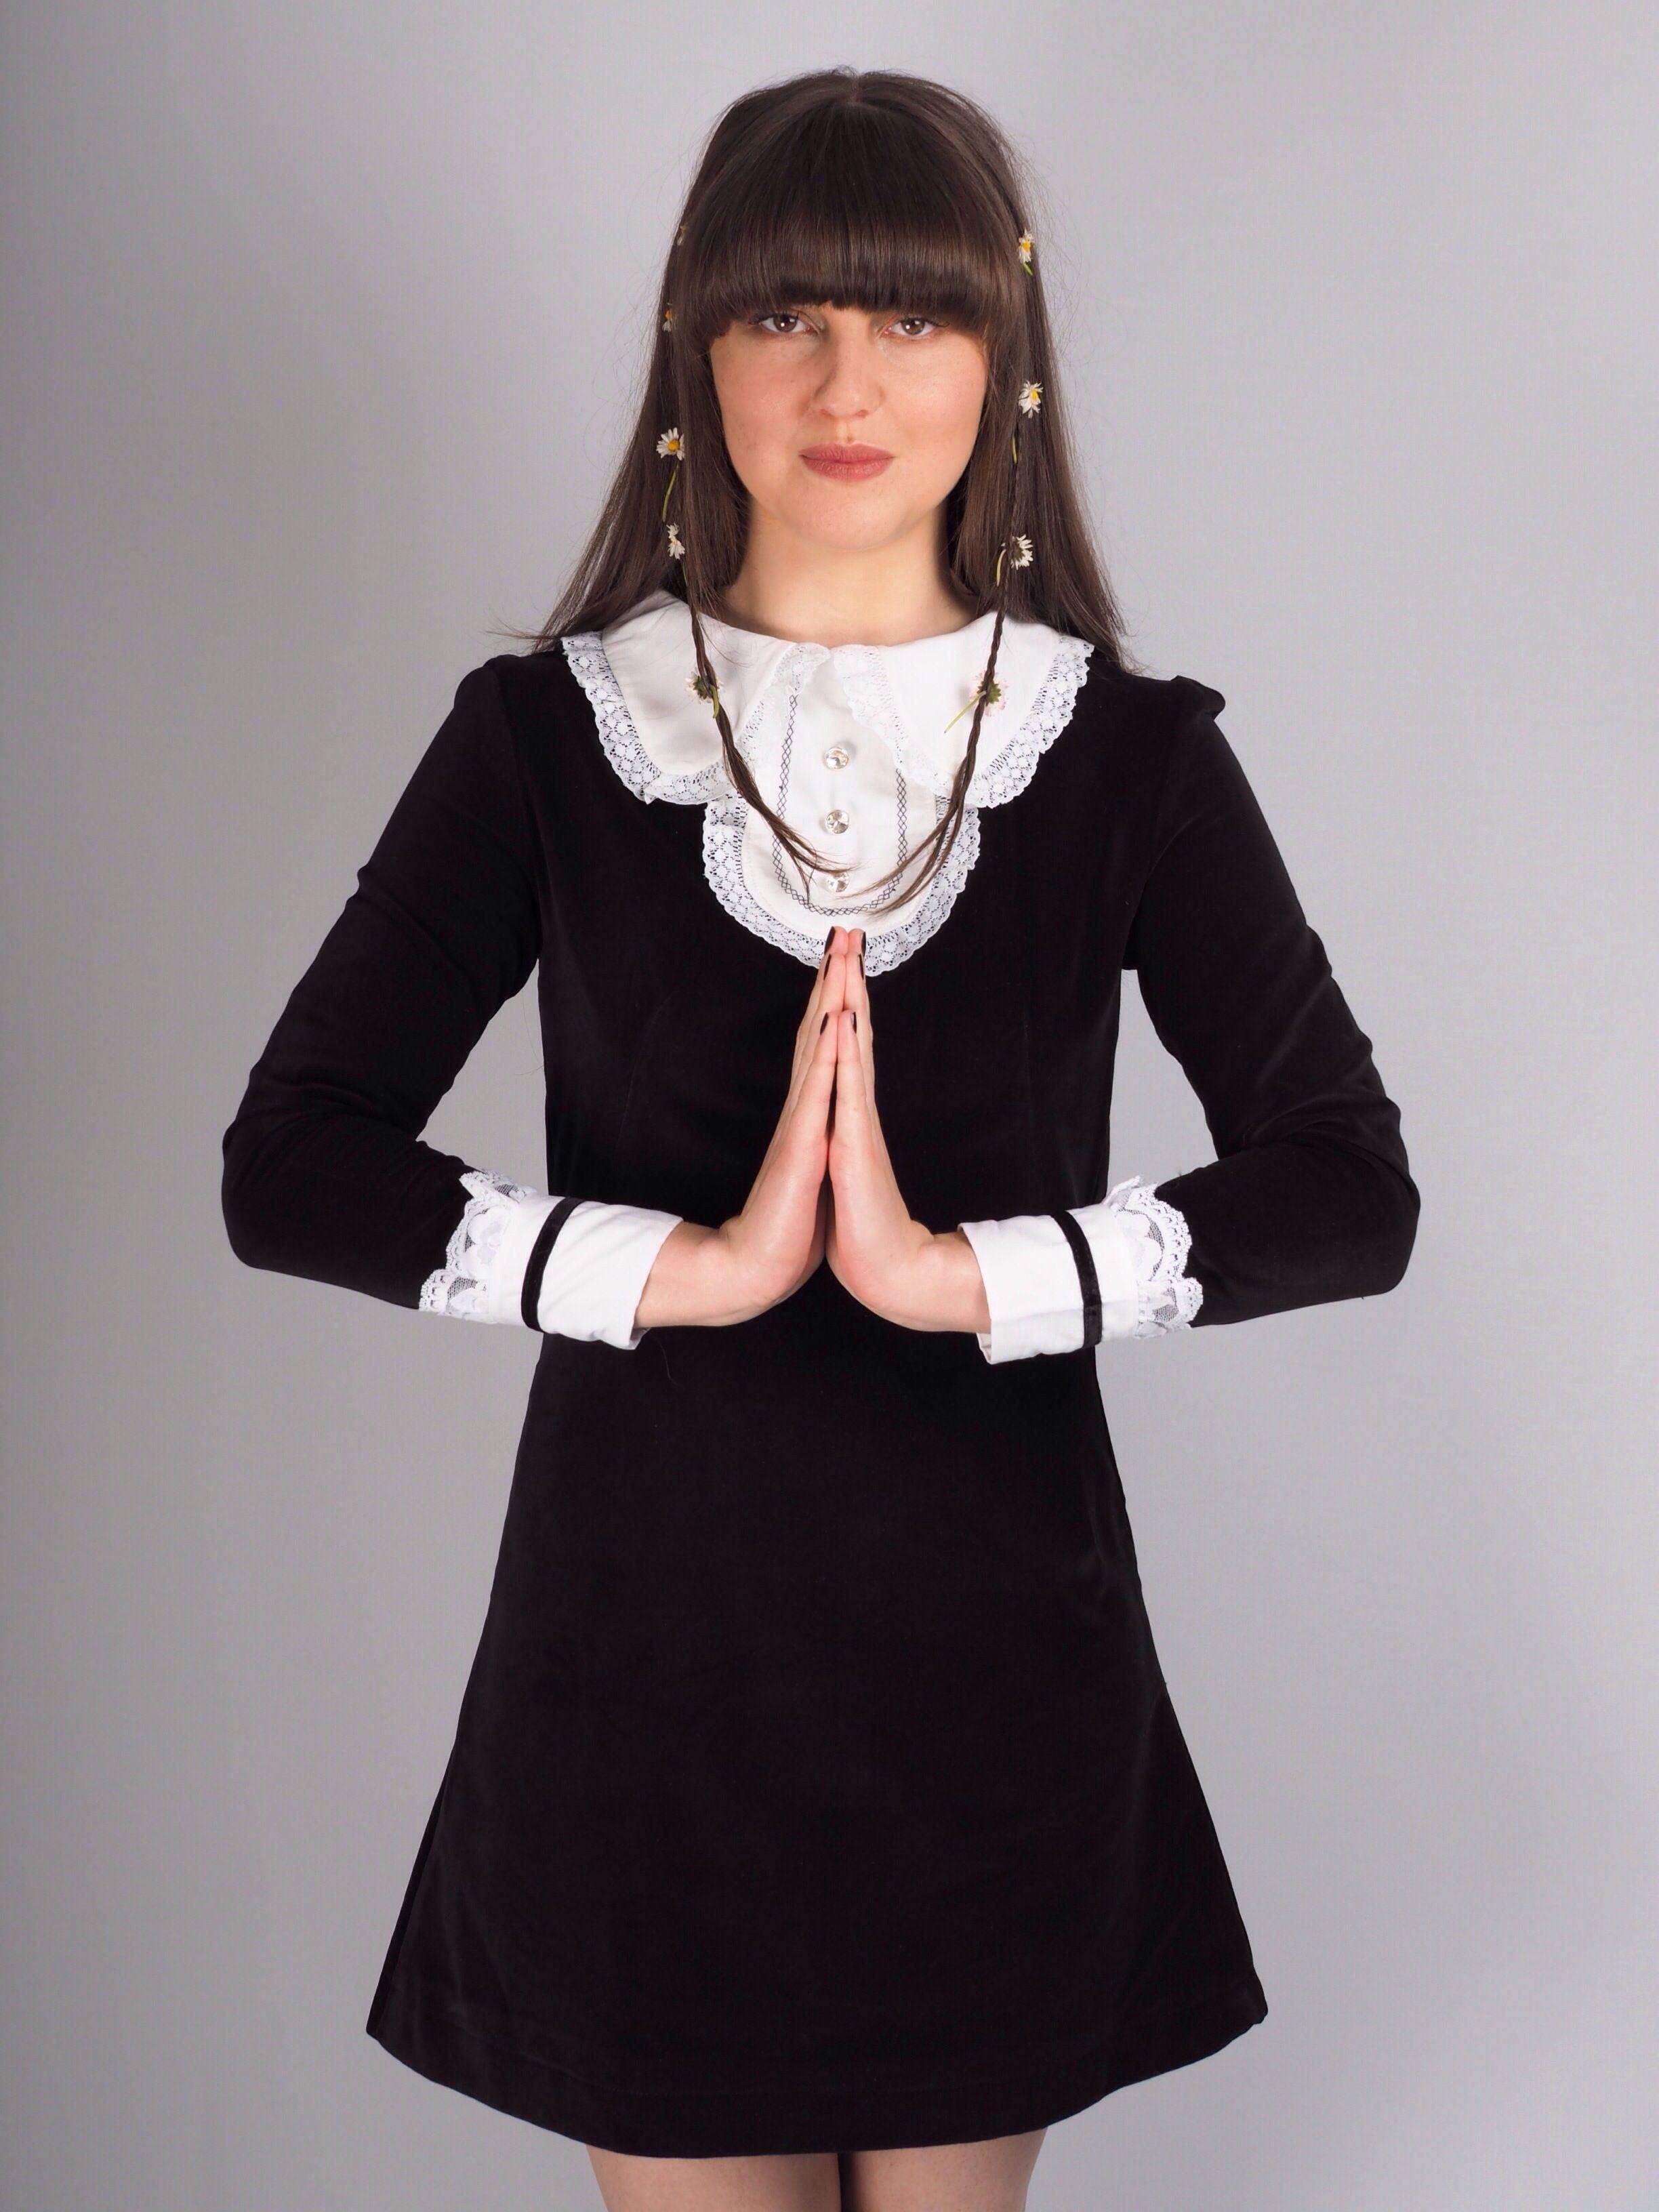 60 S Inspired Black Velvet Dress With White Lace Collar And Cuffs Black Velvet Dress Mod Dress Little Black Dress [ 3264 x 2448 Pixel ]